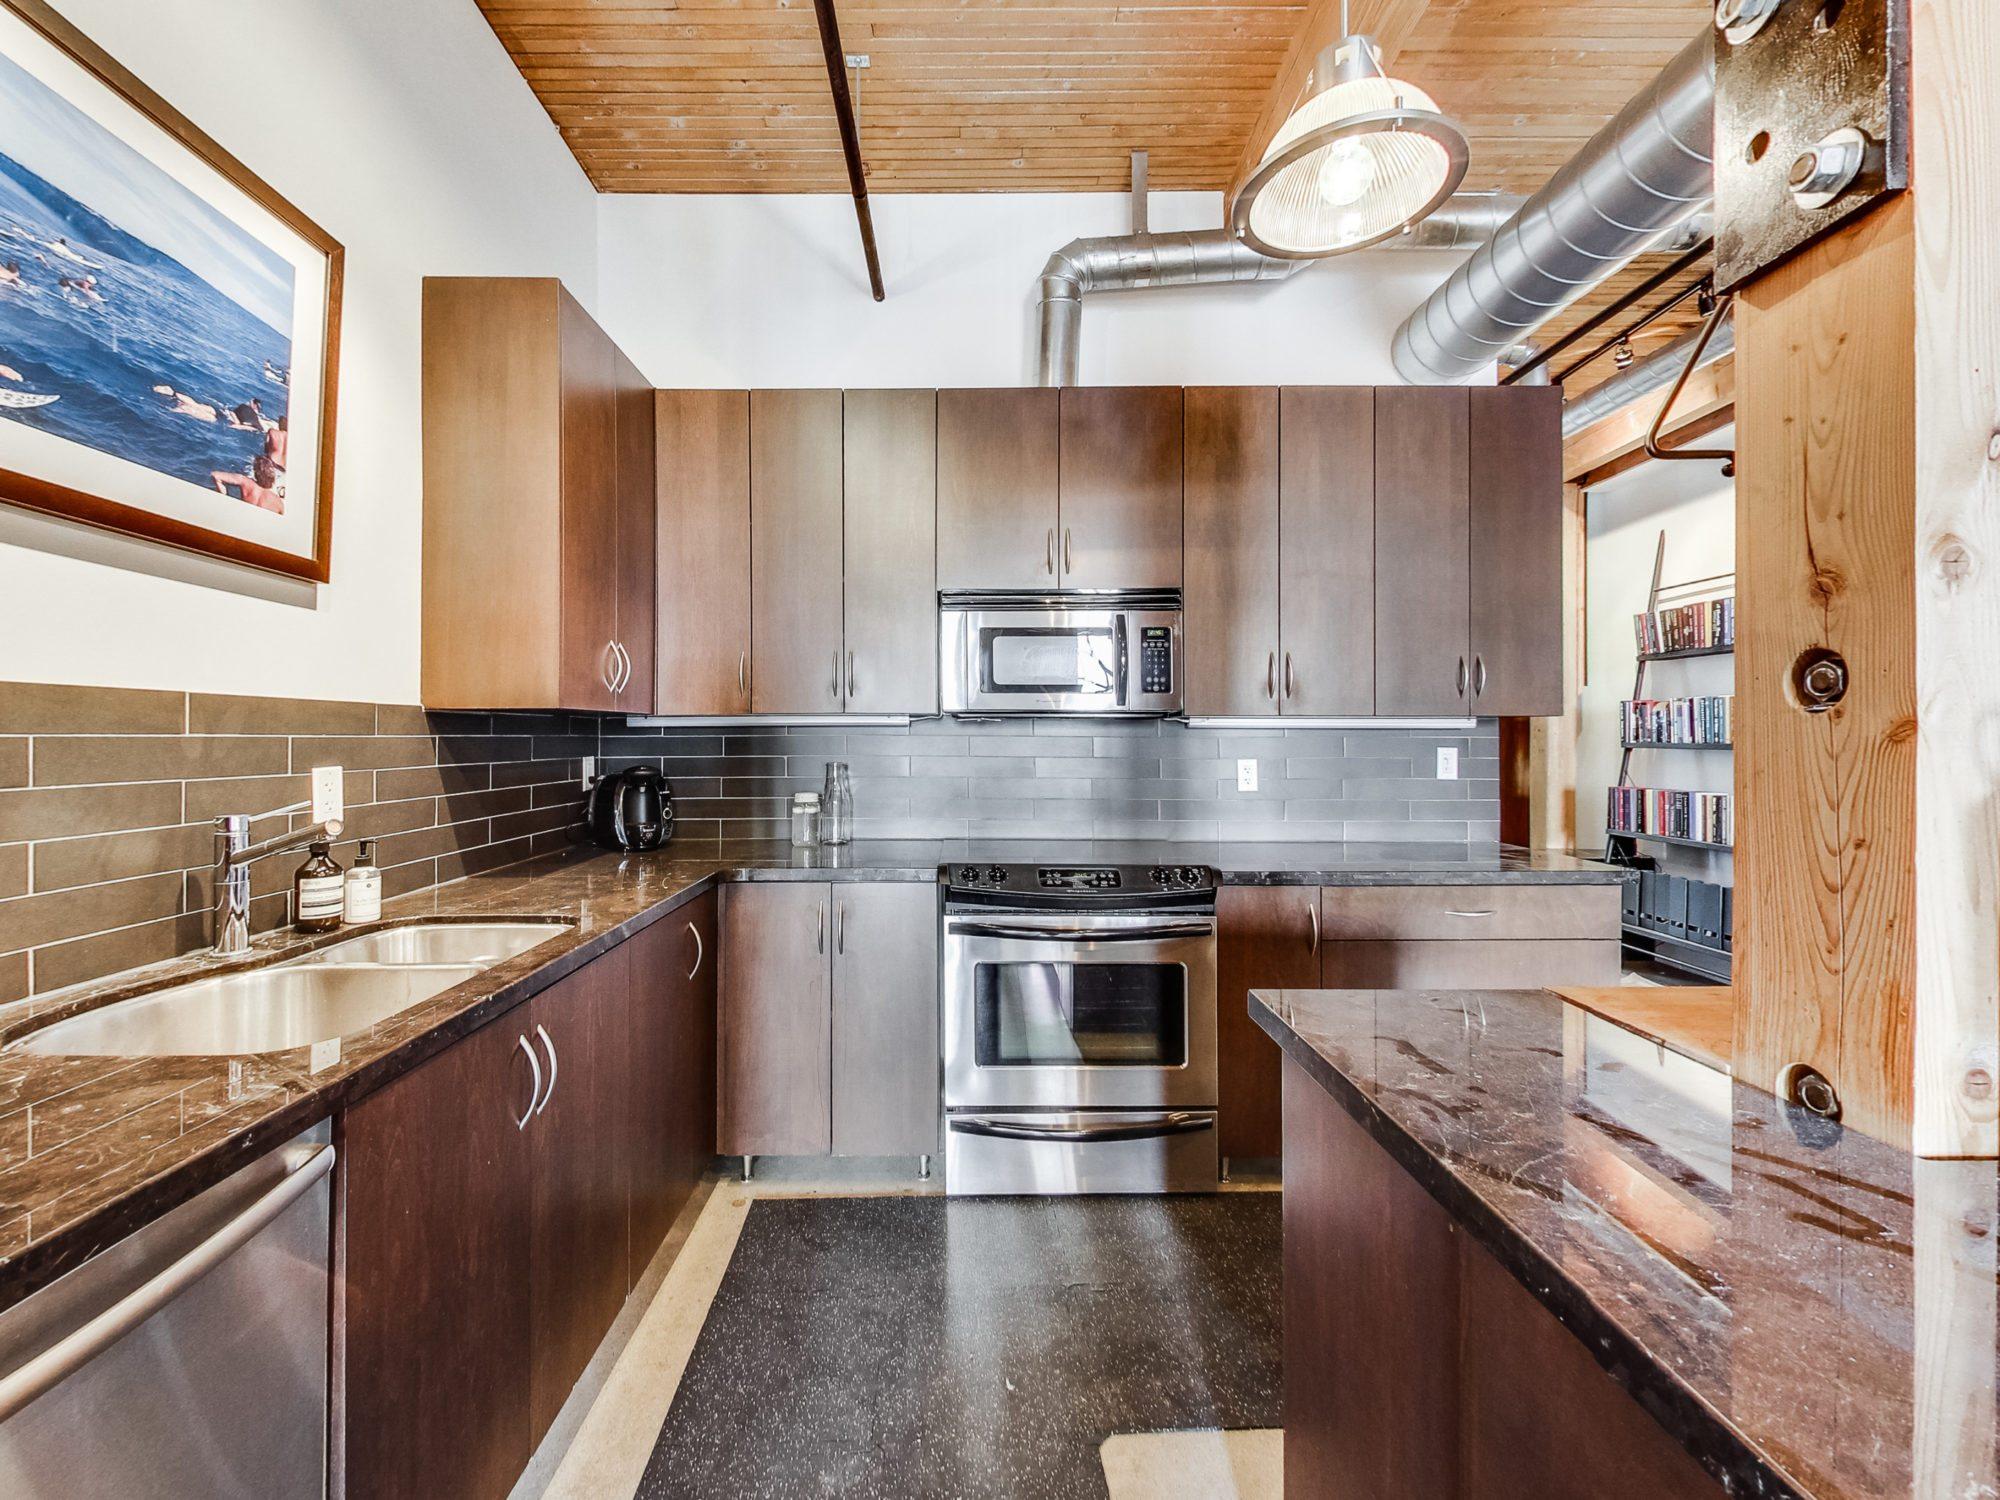 toronto-condo-for-sale-68-broadview-avenue-4